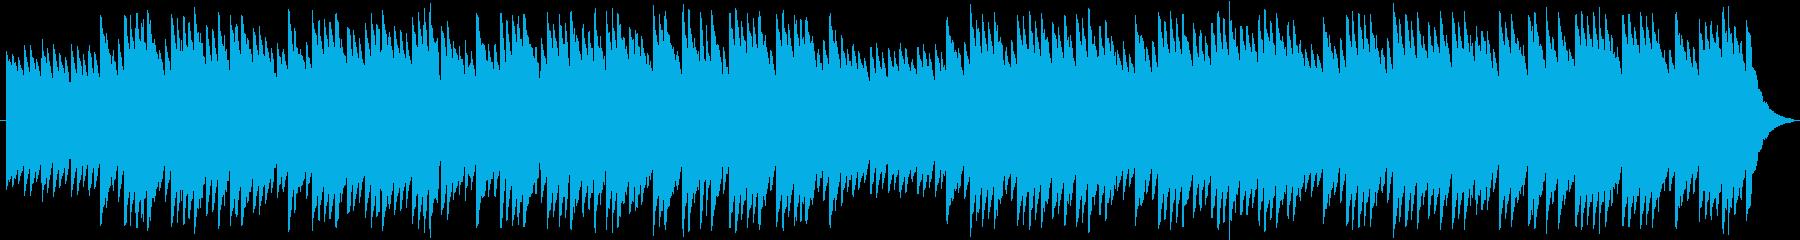 8bit風メルヘンBGMの再生済みの波形